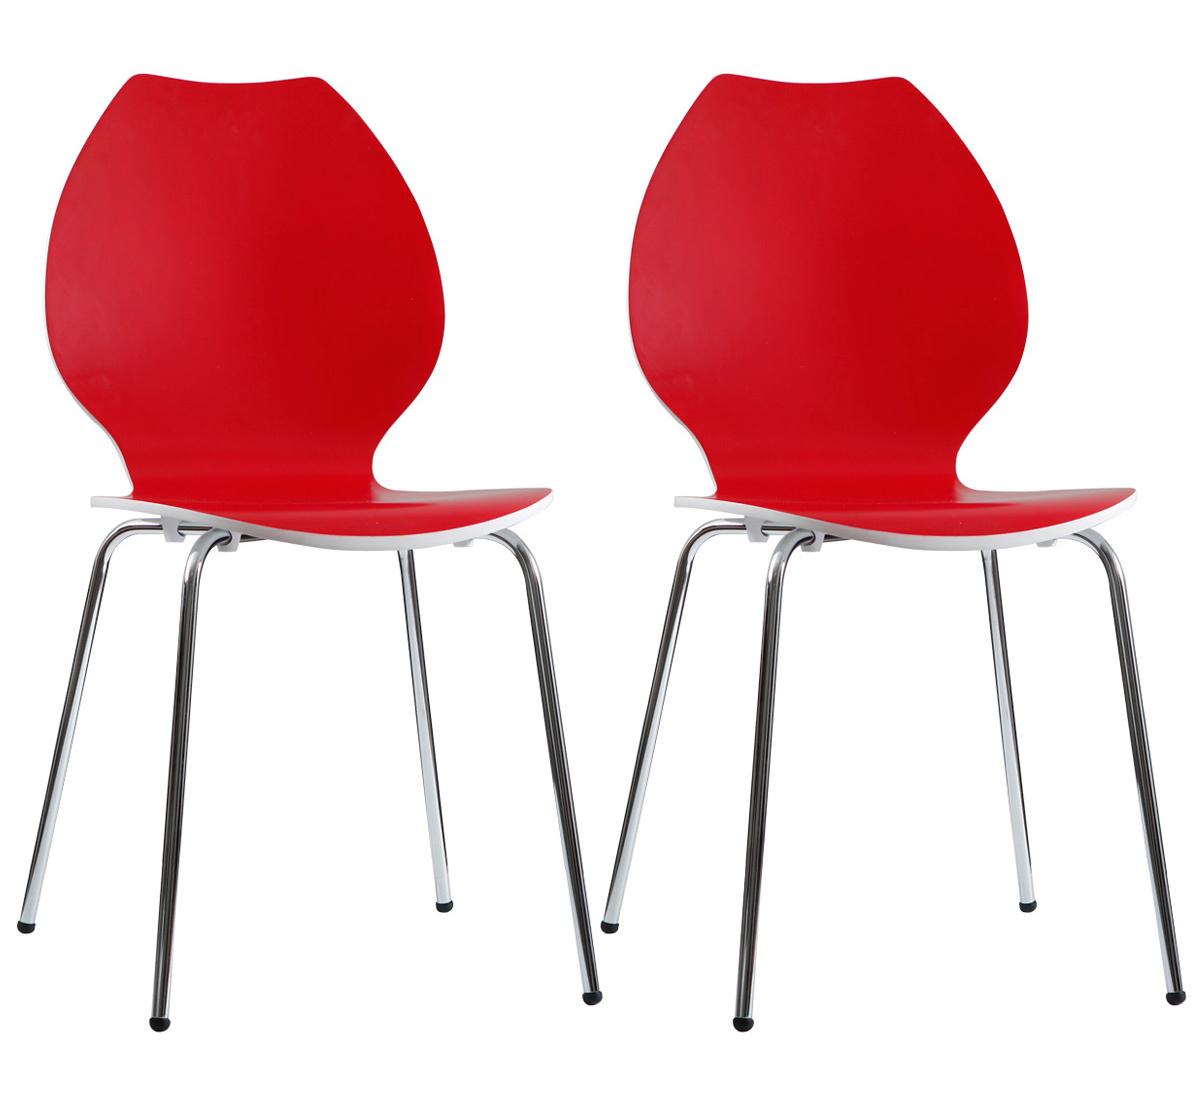 Gruppo di 2 sedie design da cucina rosse/bianche AVA